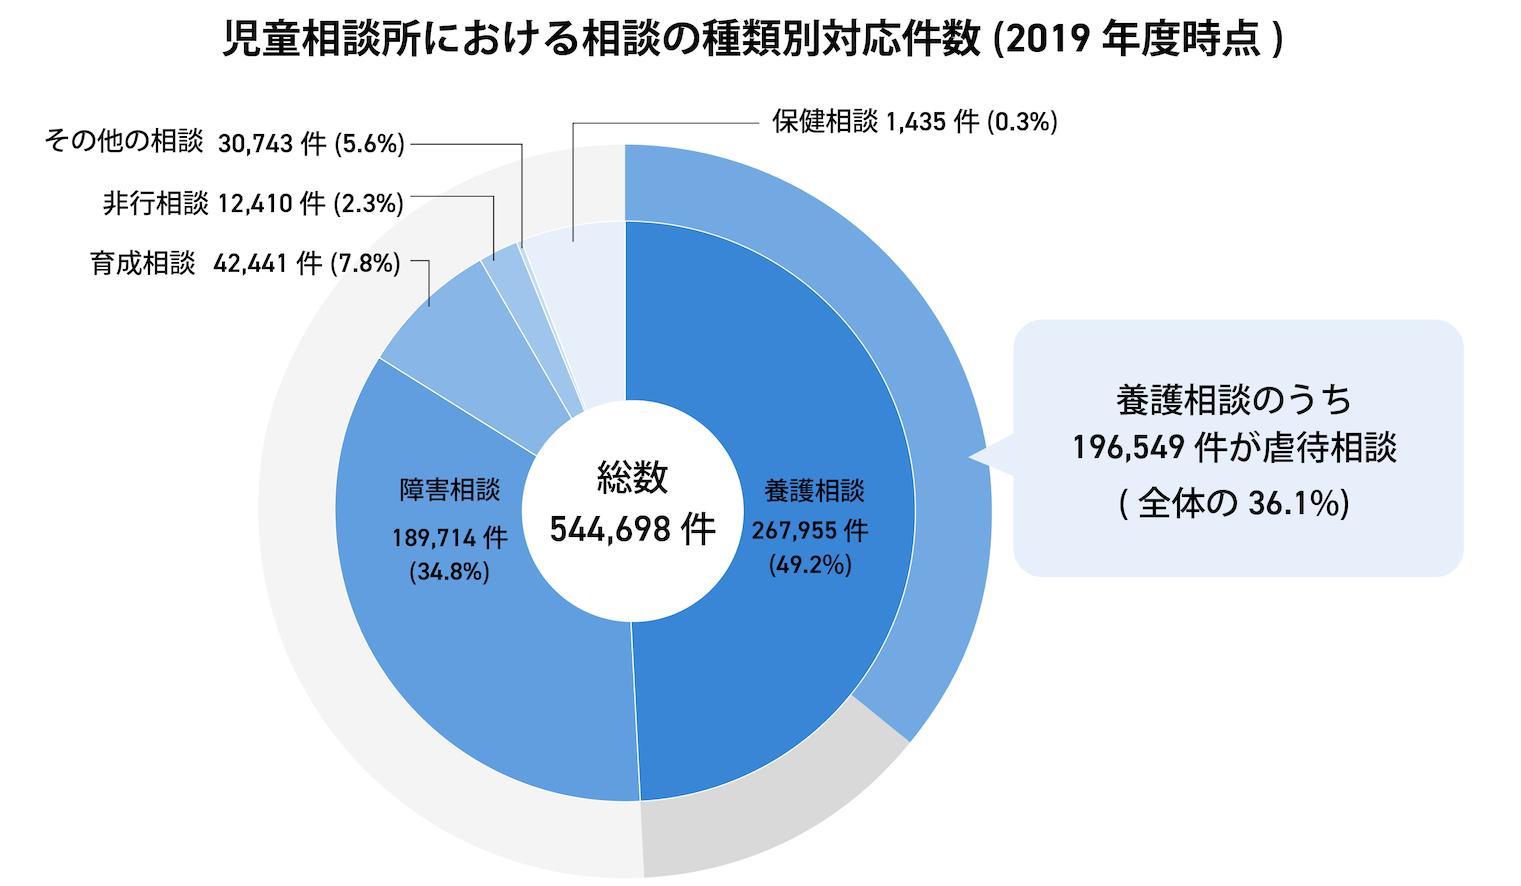 児童相談所における相談の種類別対応件数(2019年度時点)